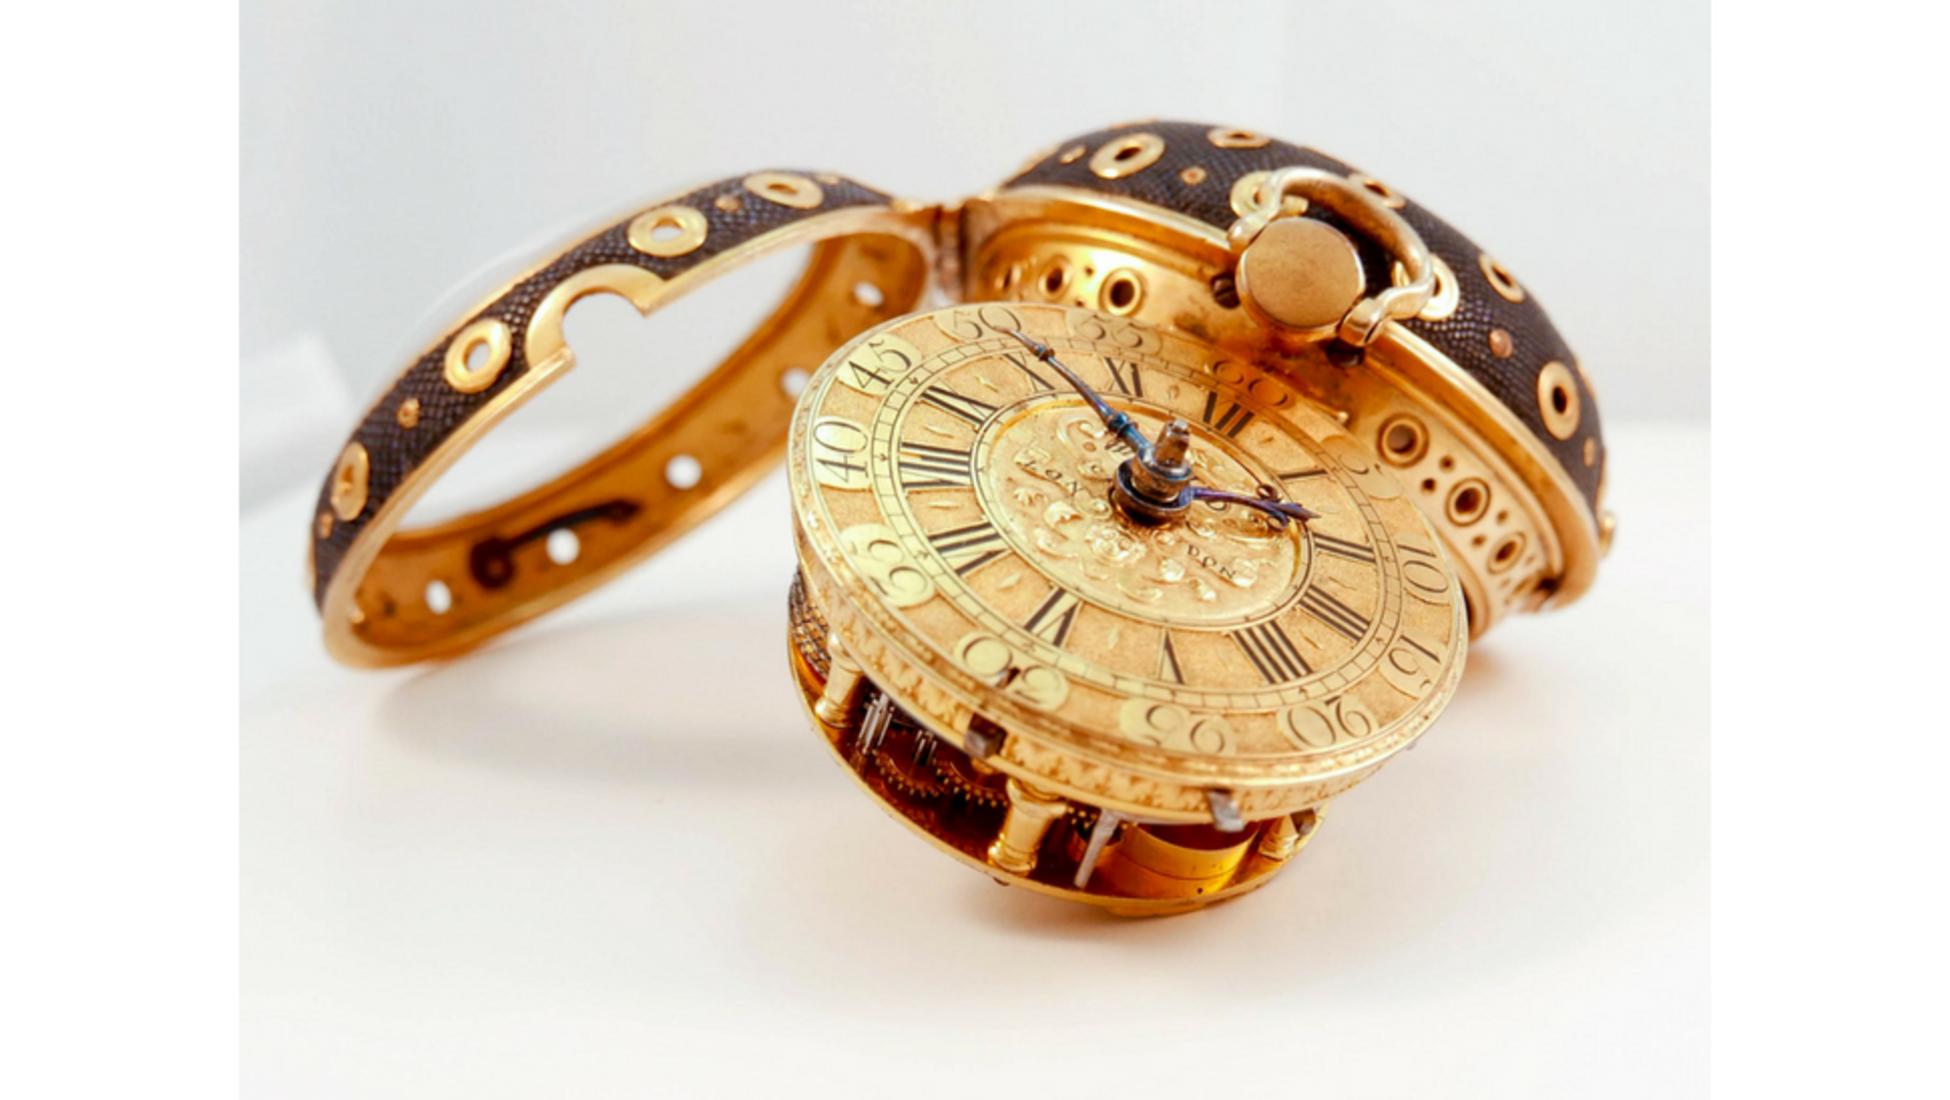 61e0b78e4d4 Se tem um relógio de bolso fabricado por um destes grandes nomes